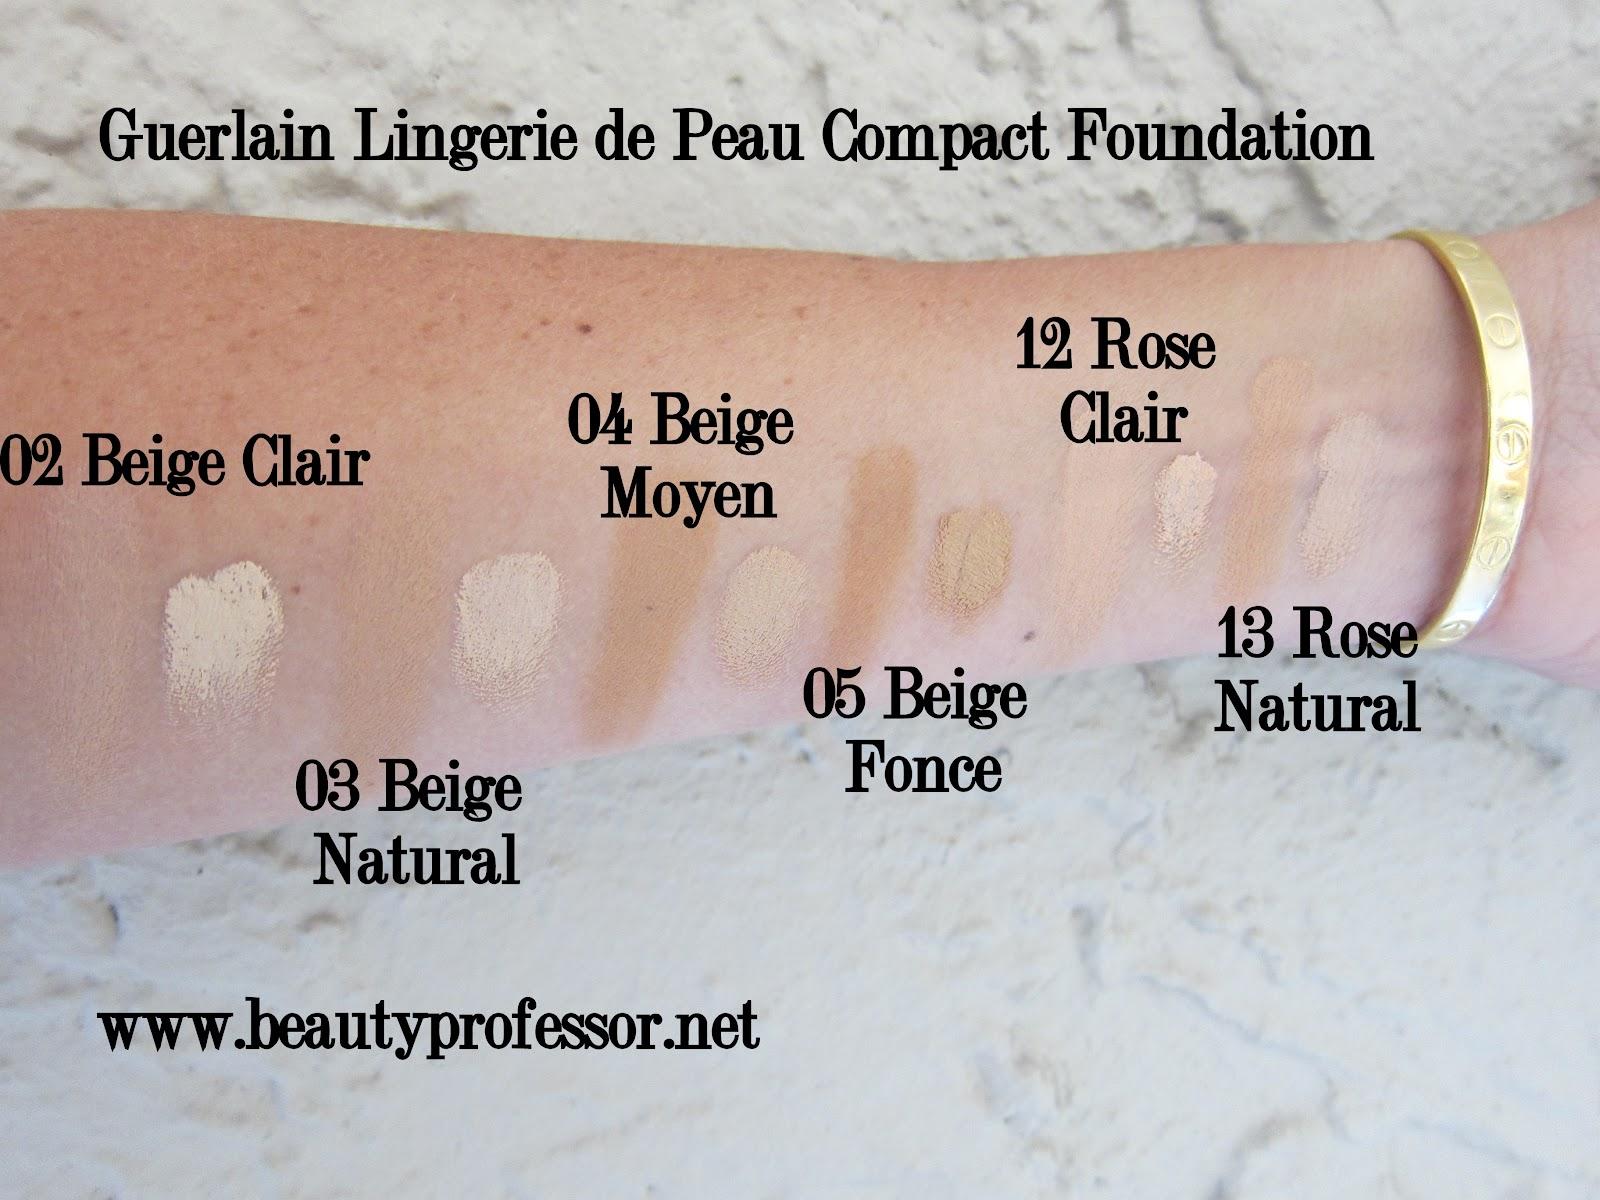 Beauty Professor Guerlain Lingerie De Peau Compact Foundation